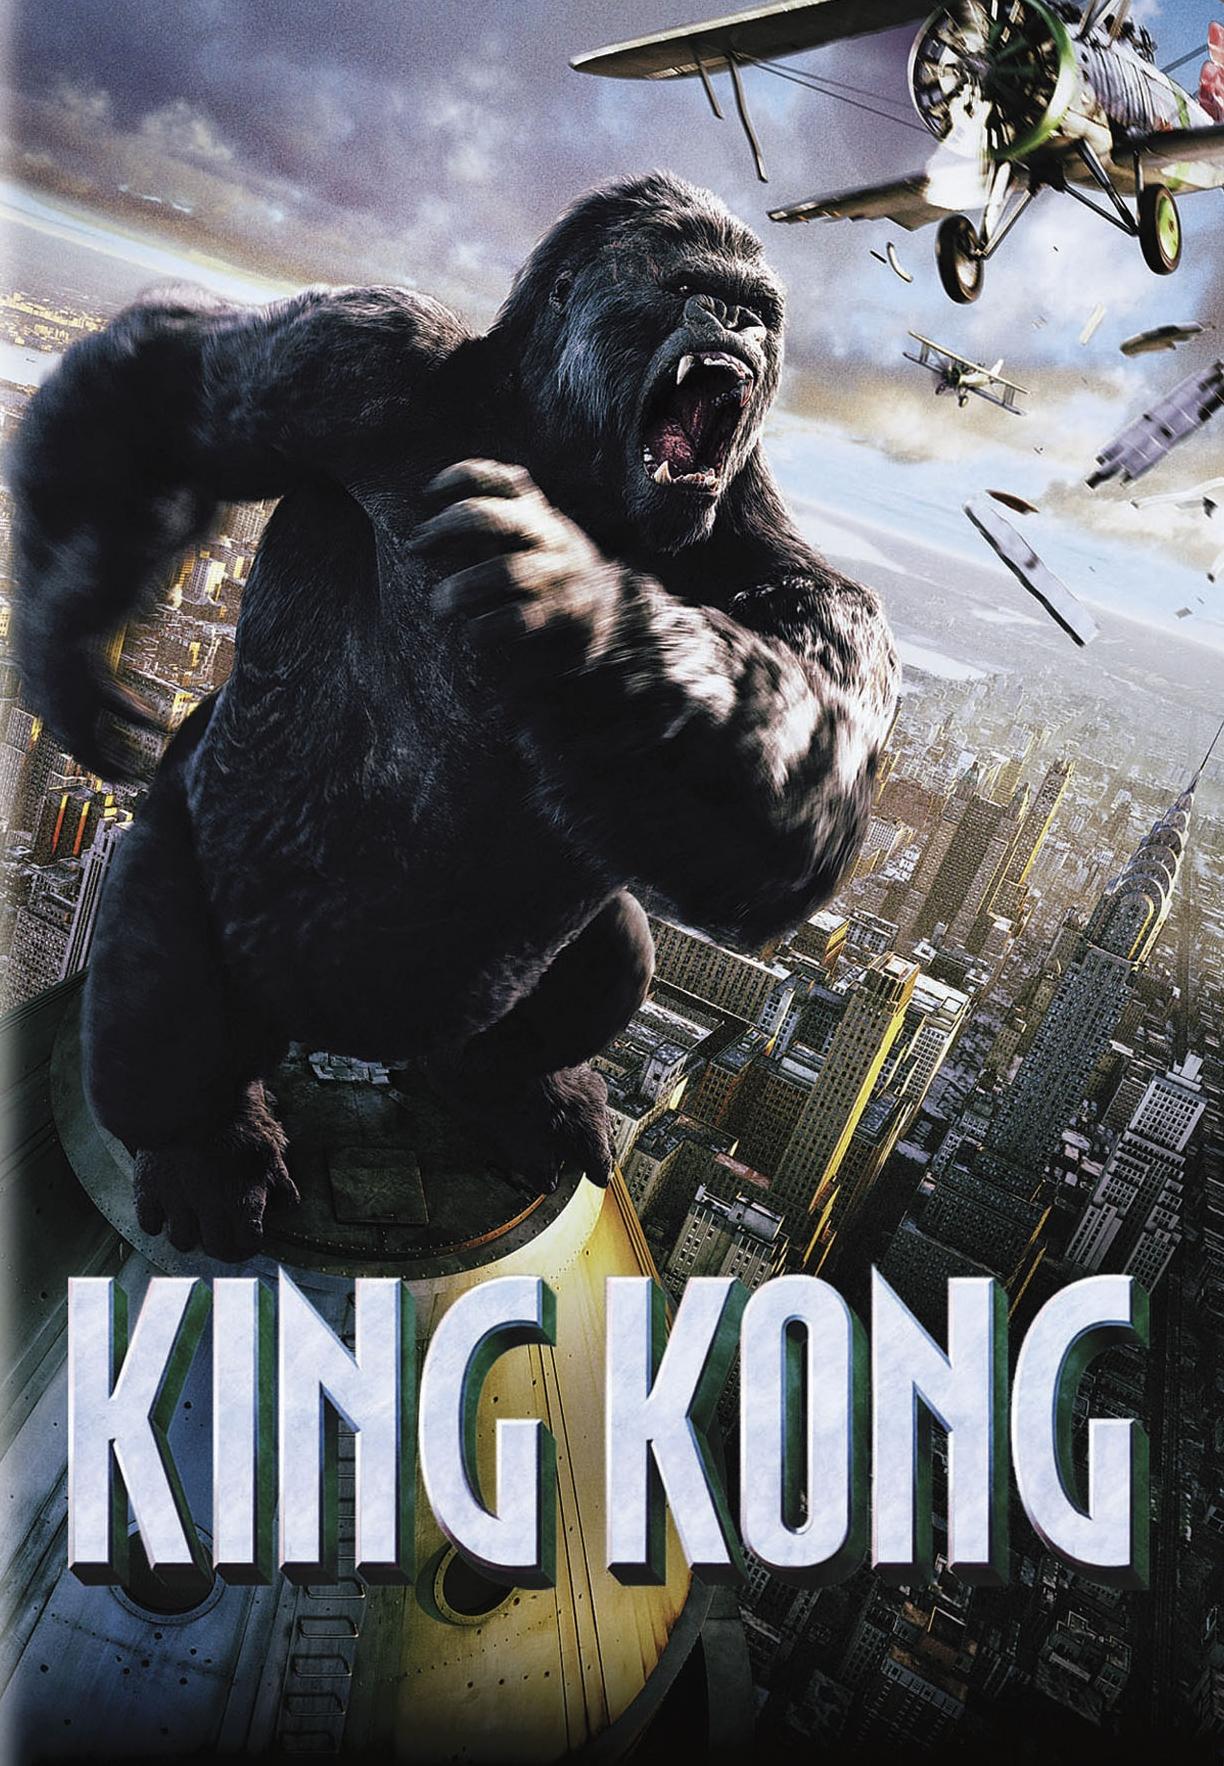 دانلود فیلم کینگ کونگ King Kong - دانلود فیلم کینگ کونگ King Kong دوبله فارسی